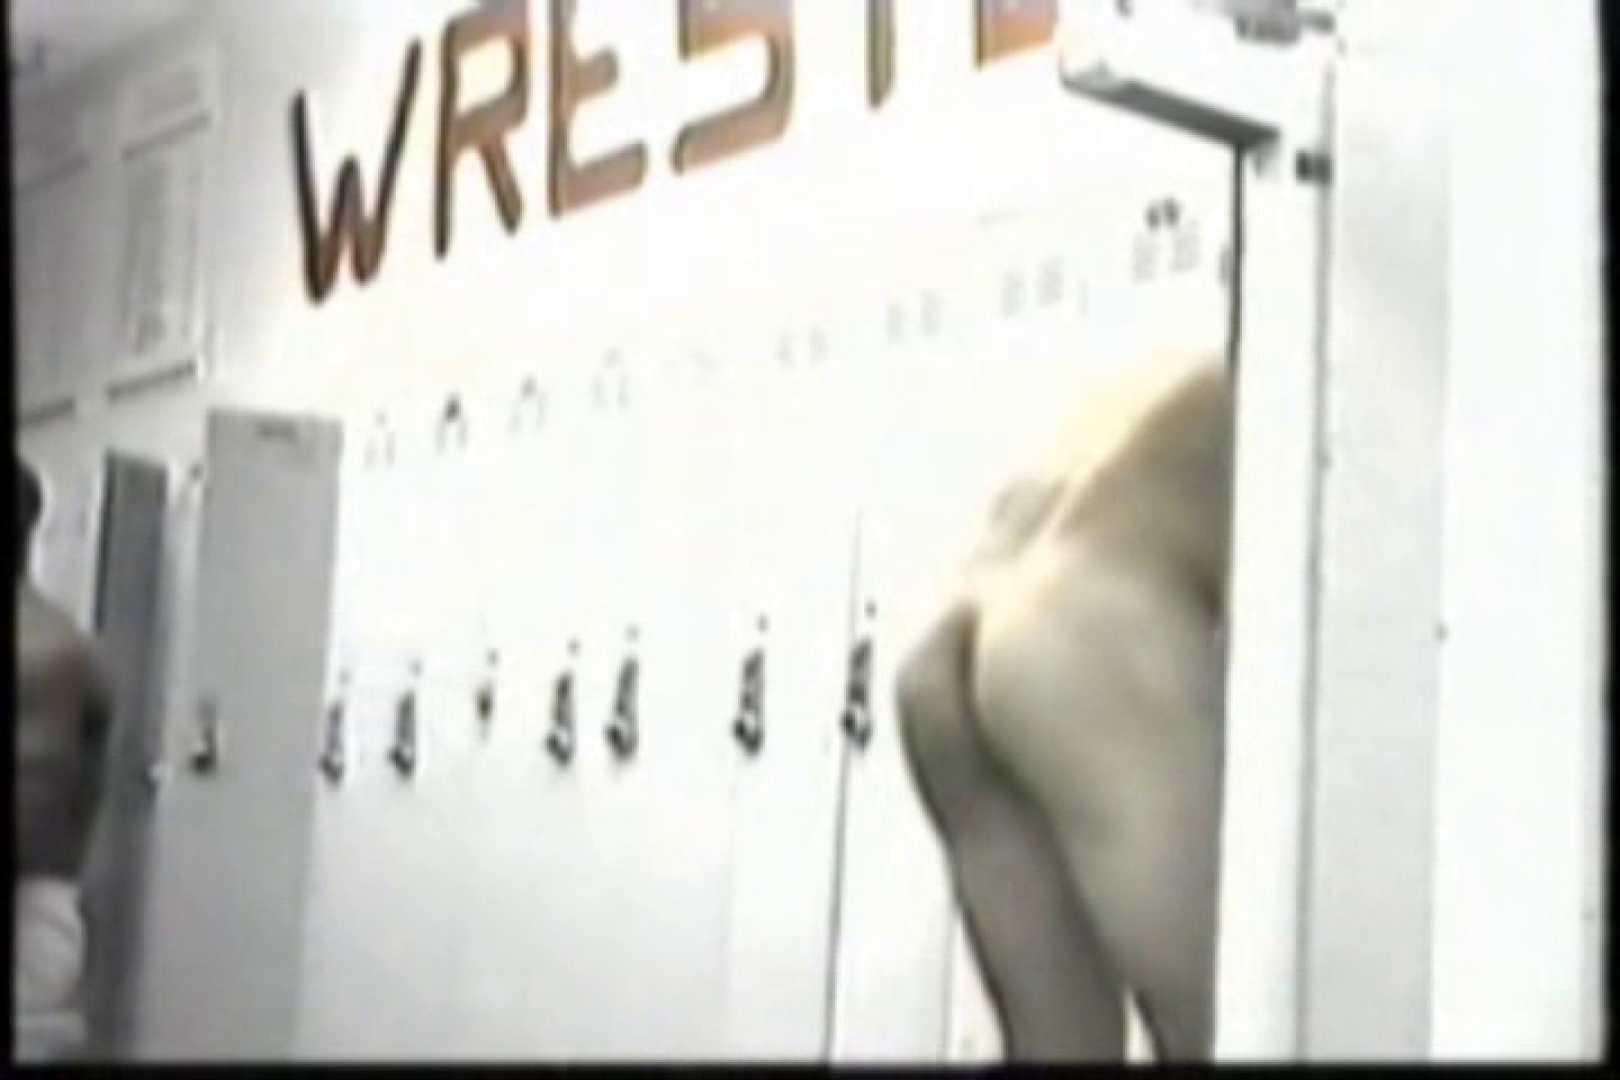 洋人さんの脱衣所を覗いてみました。VOL.7 ガチムチマッチョ系メンズ  9画像 5